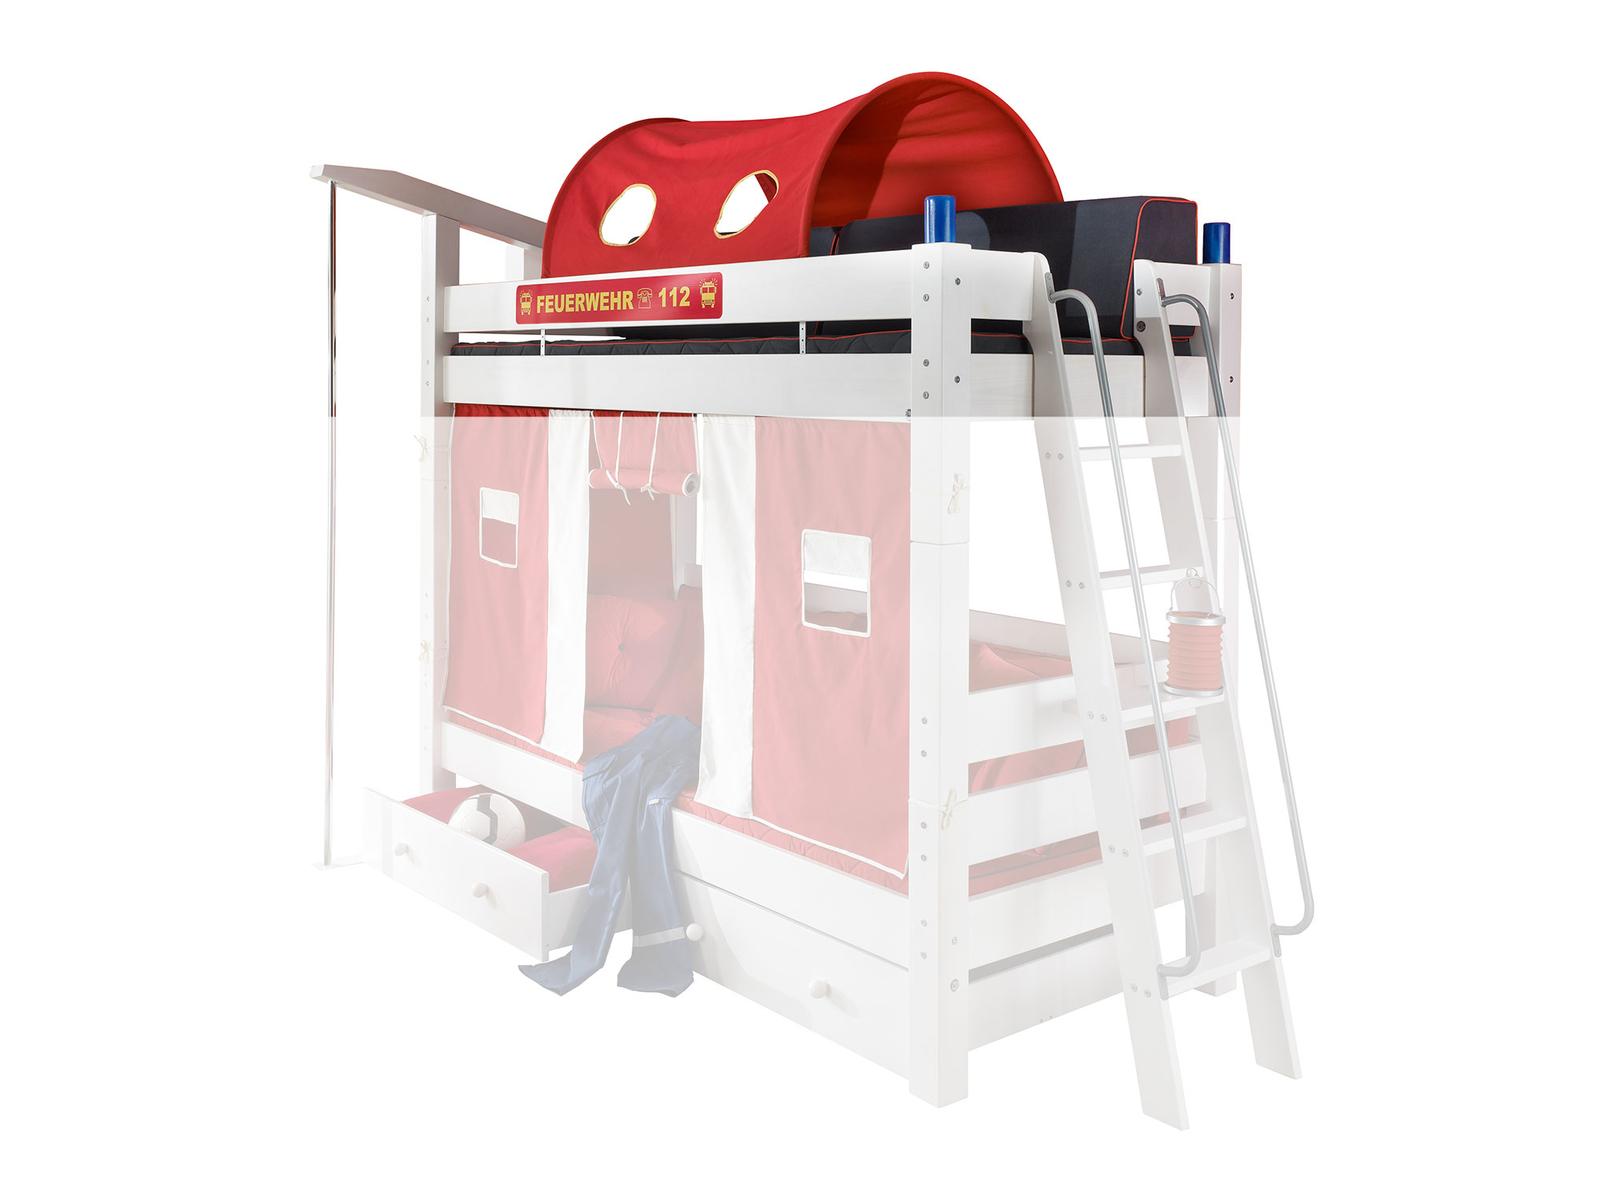 Etagenbett Feuerwehr : Etagenbett für kinder marta